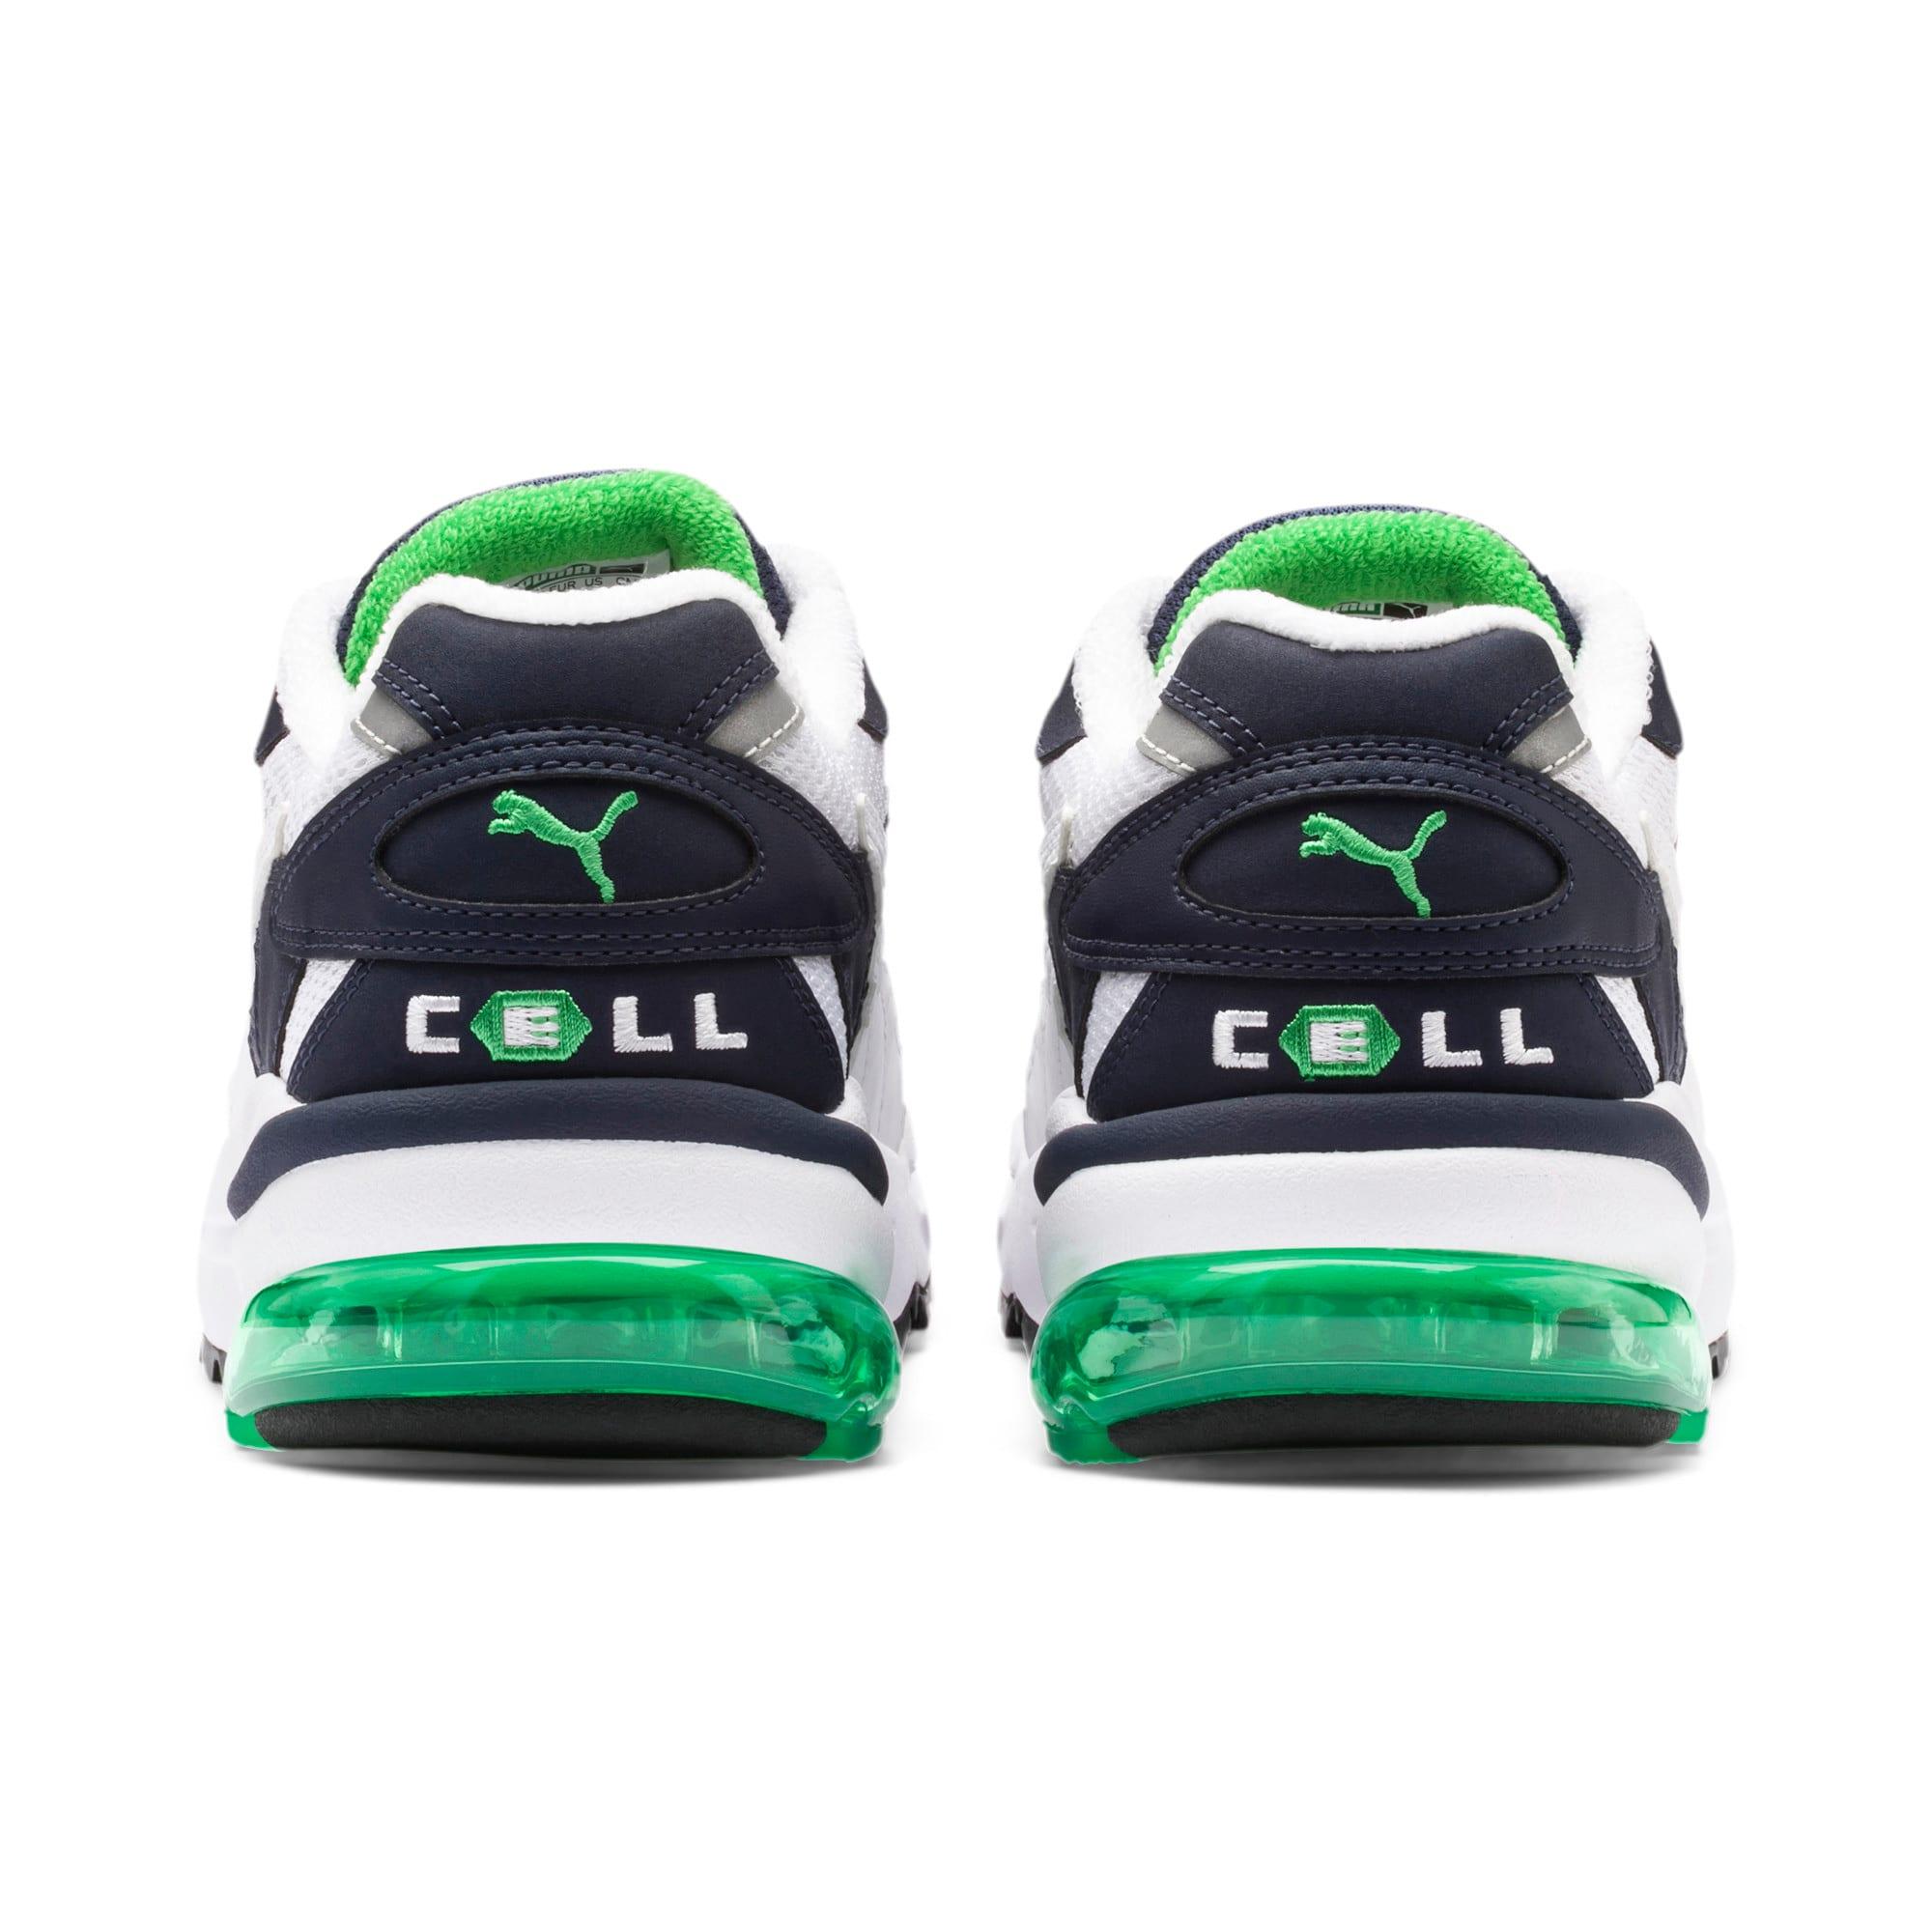 Thumbnail 4 of CELL Alien OG Sneakers, Peacoat-Classic Green, medium